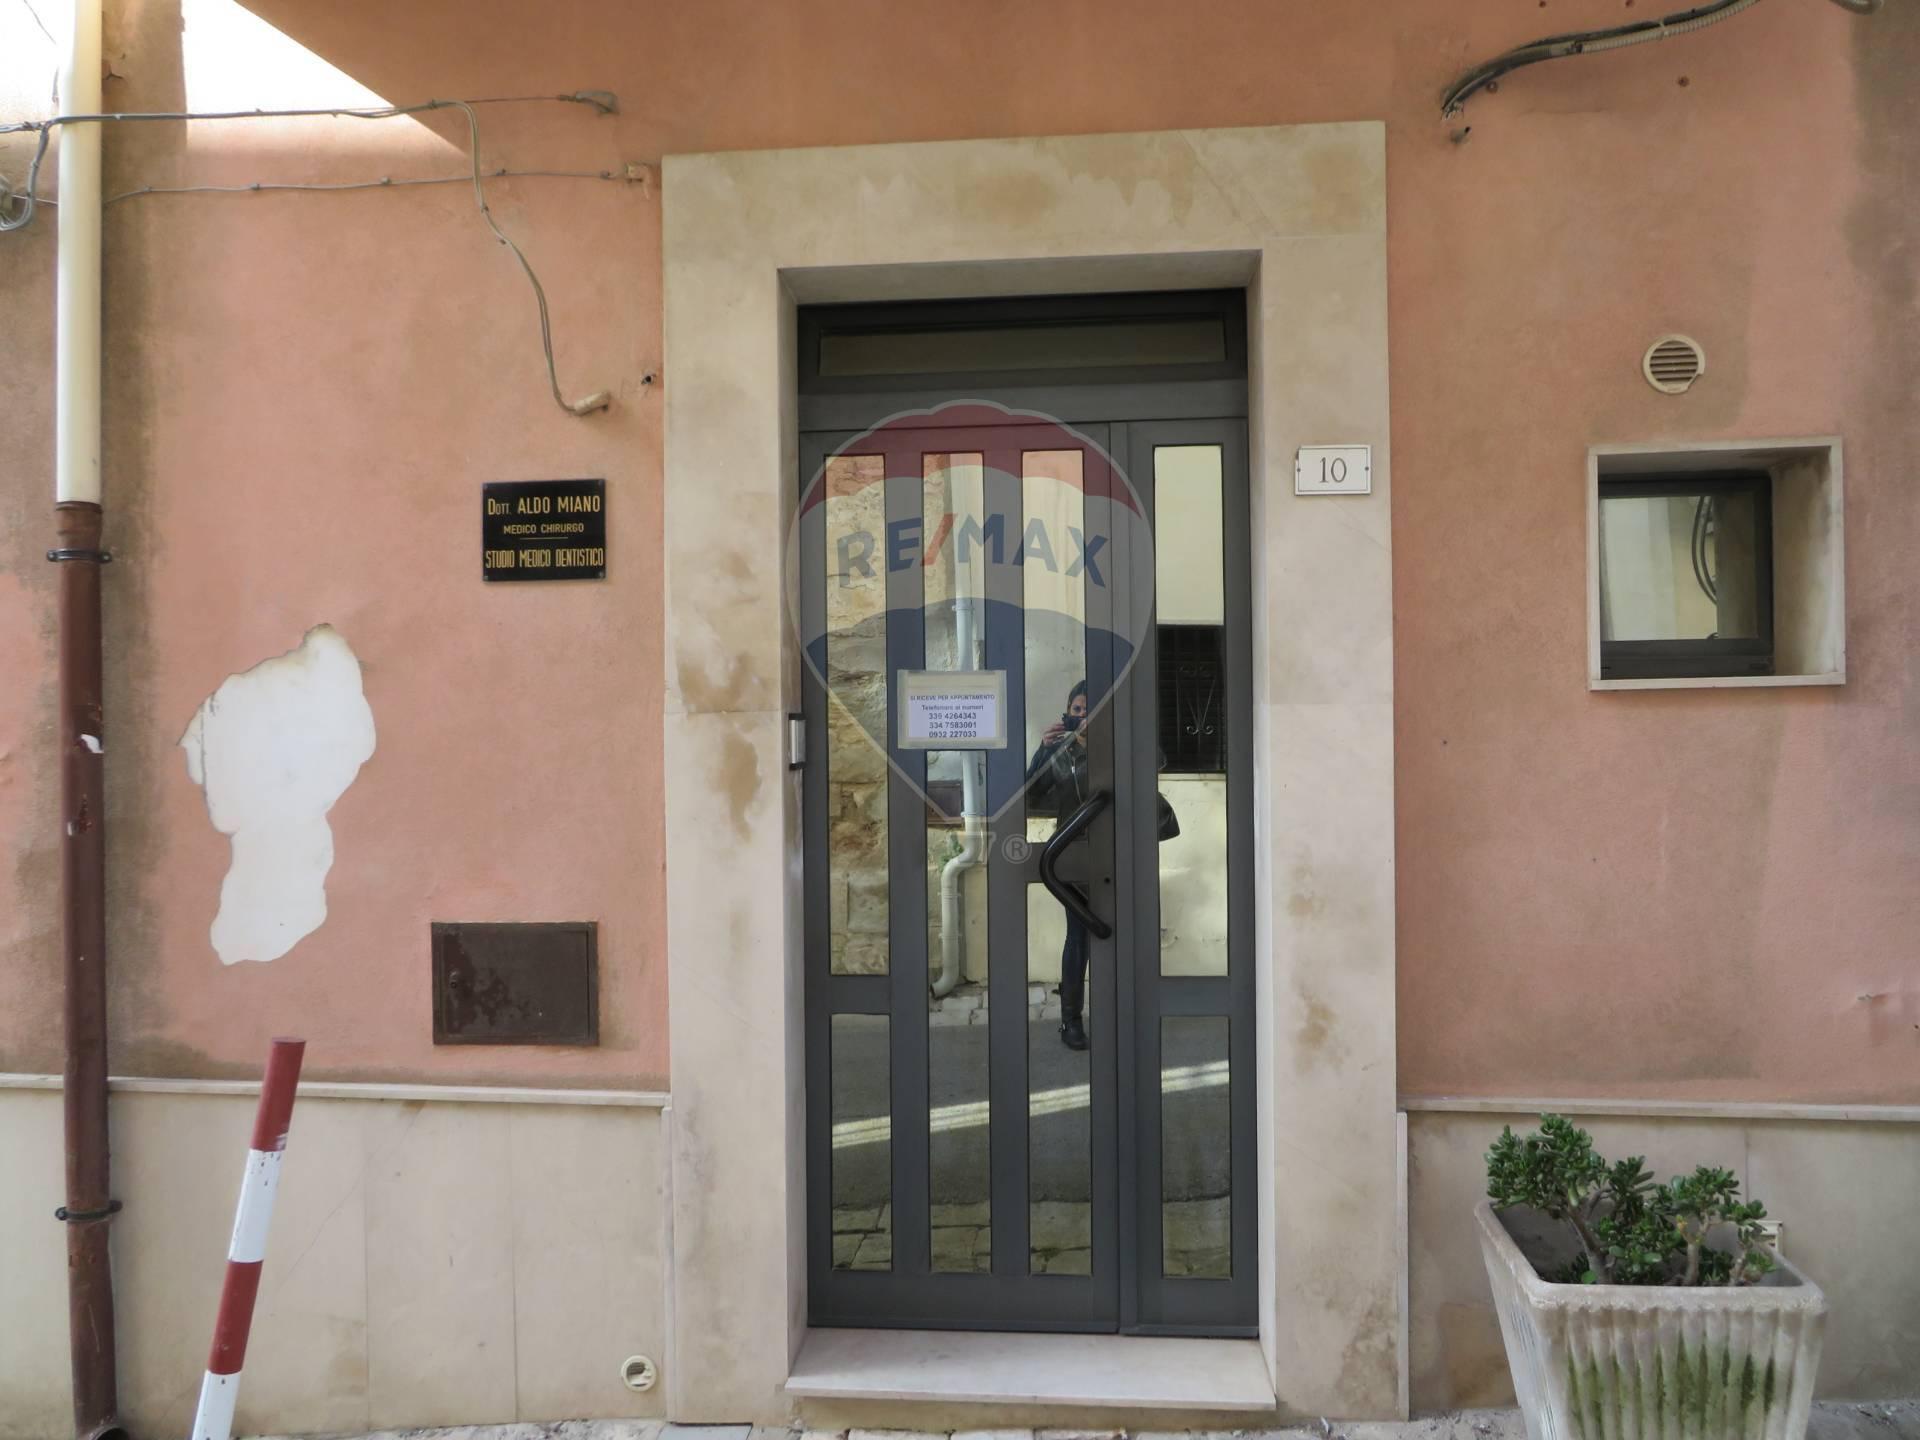 Ufficio / Studio in vendita a Chiaramonte Gulfi, 9999 locali, prezzo € 55.000 | CambioCasa.it